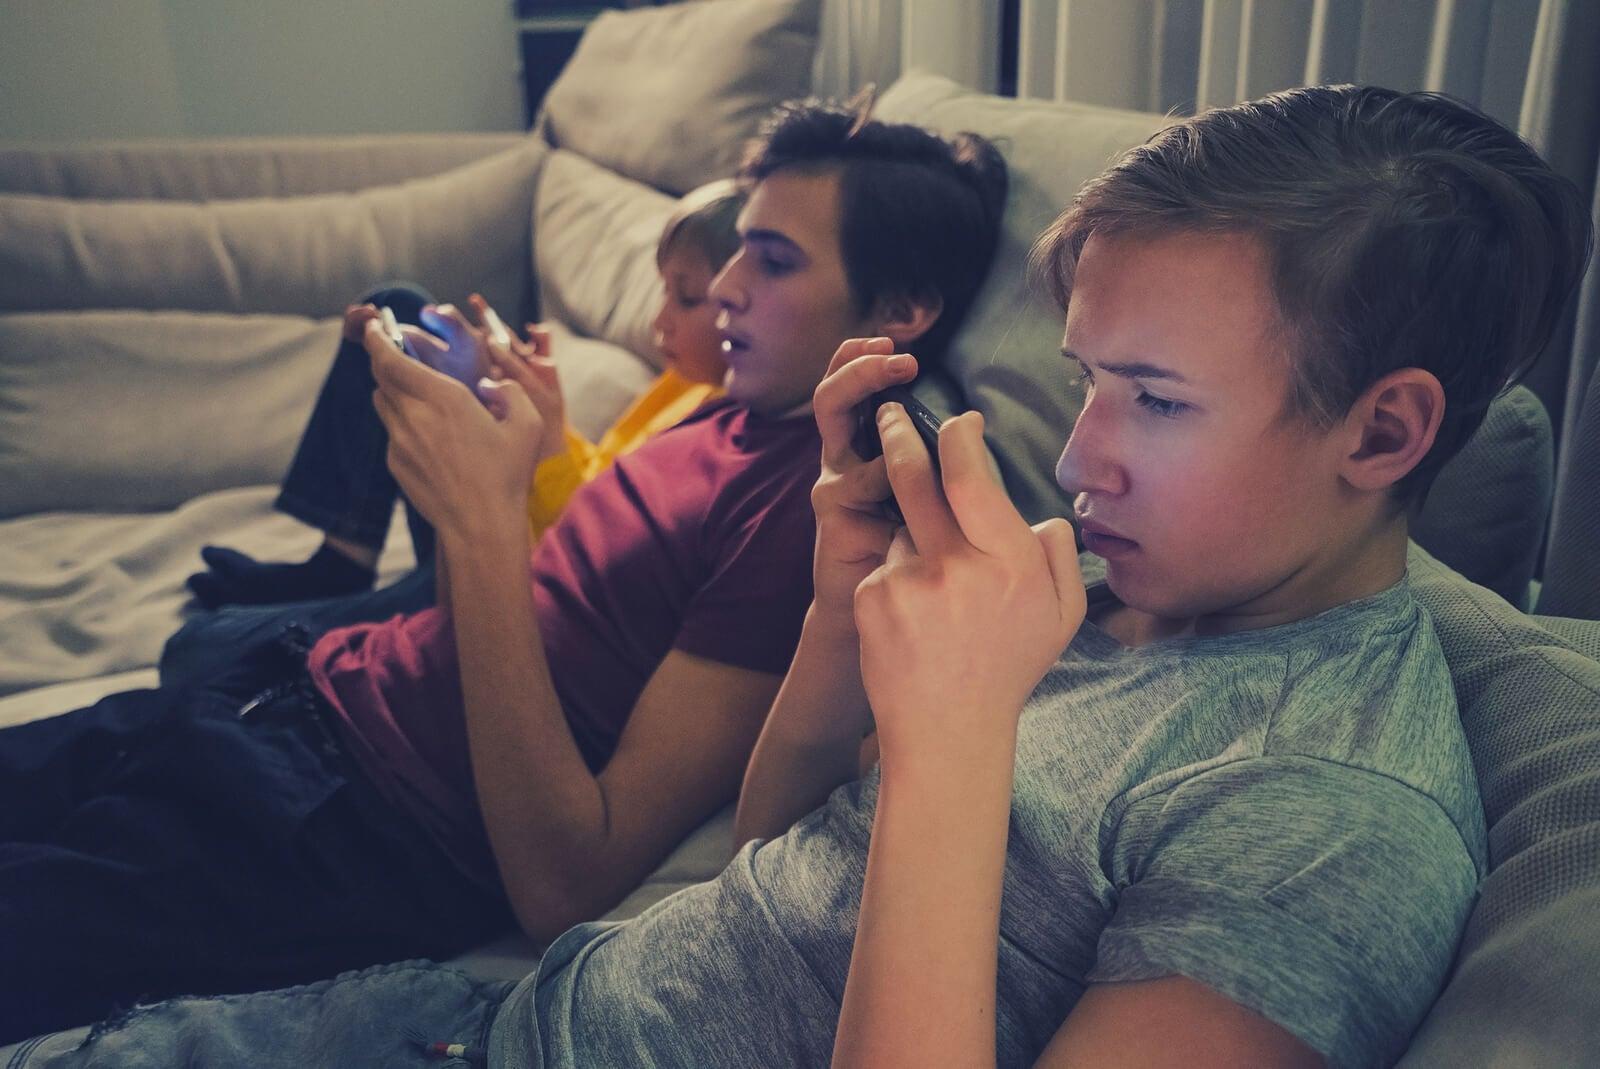 Las redes sociales afectan a las habilidades comunicativas de los jóvenes.